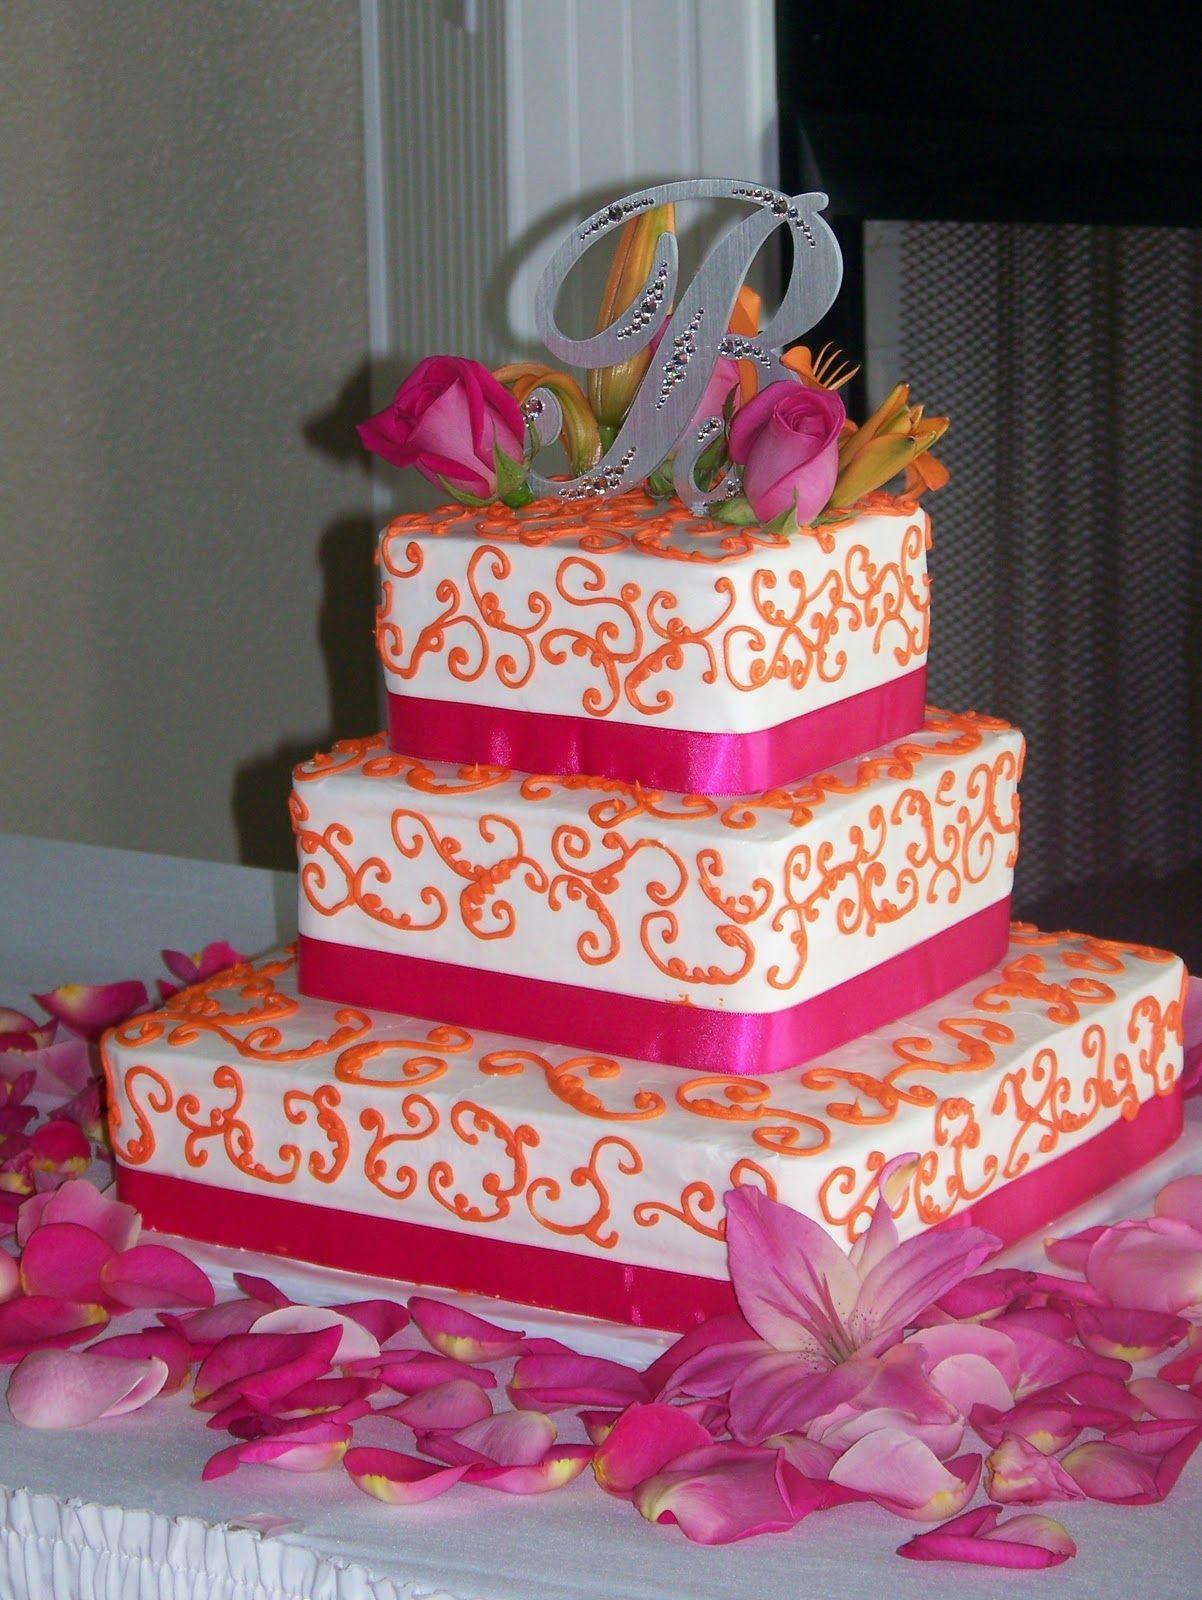 Serving Hands Weddings Flowers Wedding Cakes